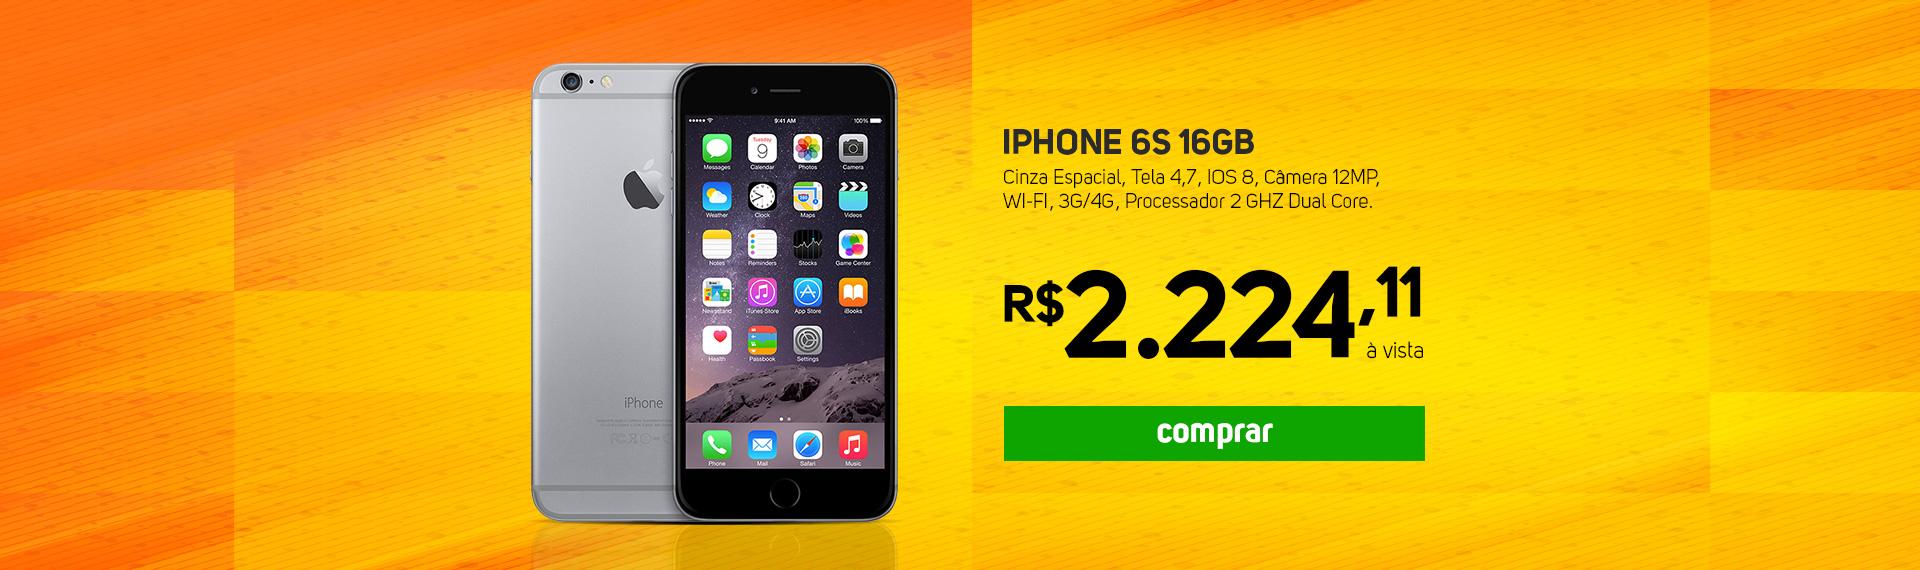 BANNER DE PRODUTO_IPHONE6S16GB